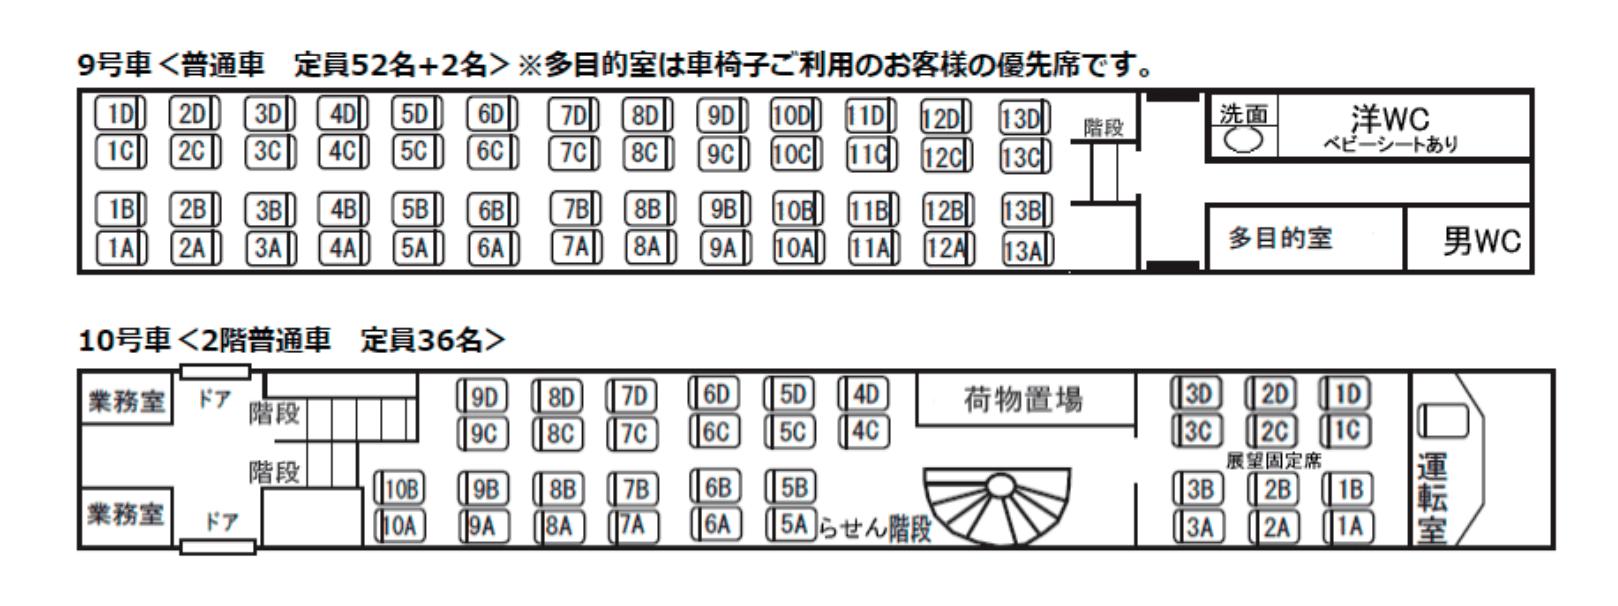 スーパービュー踊り子 座席表(9号車・10号車)